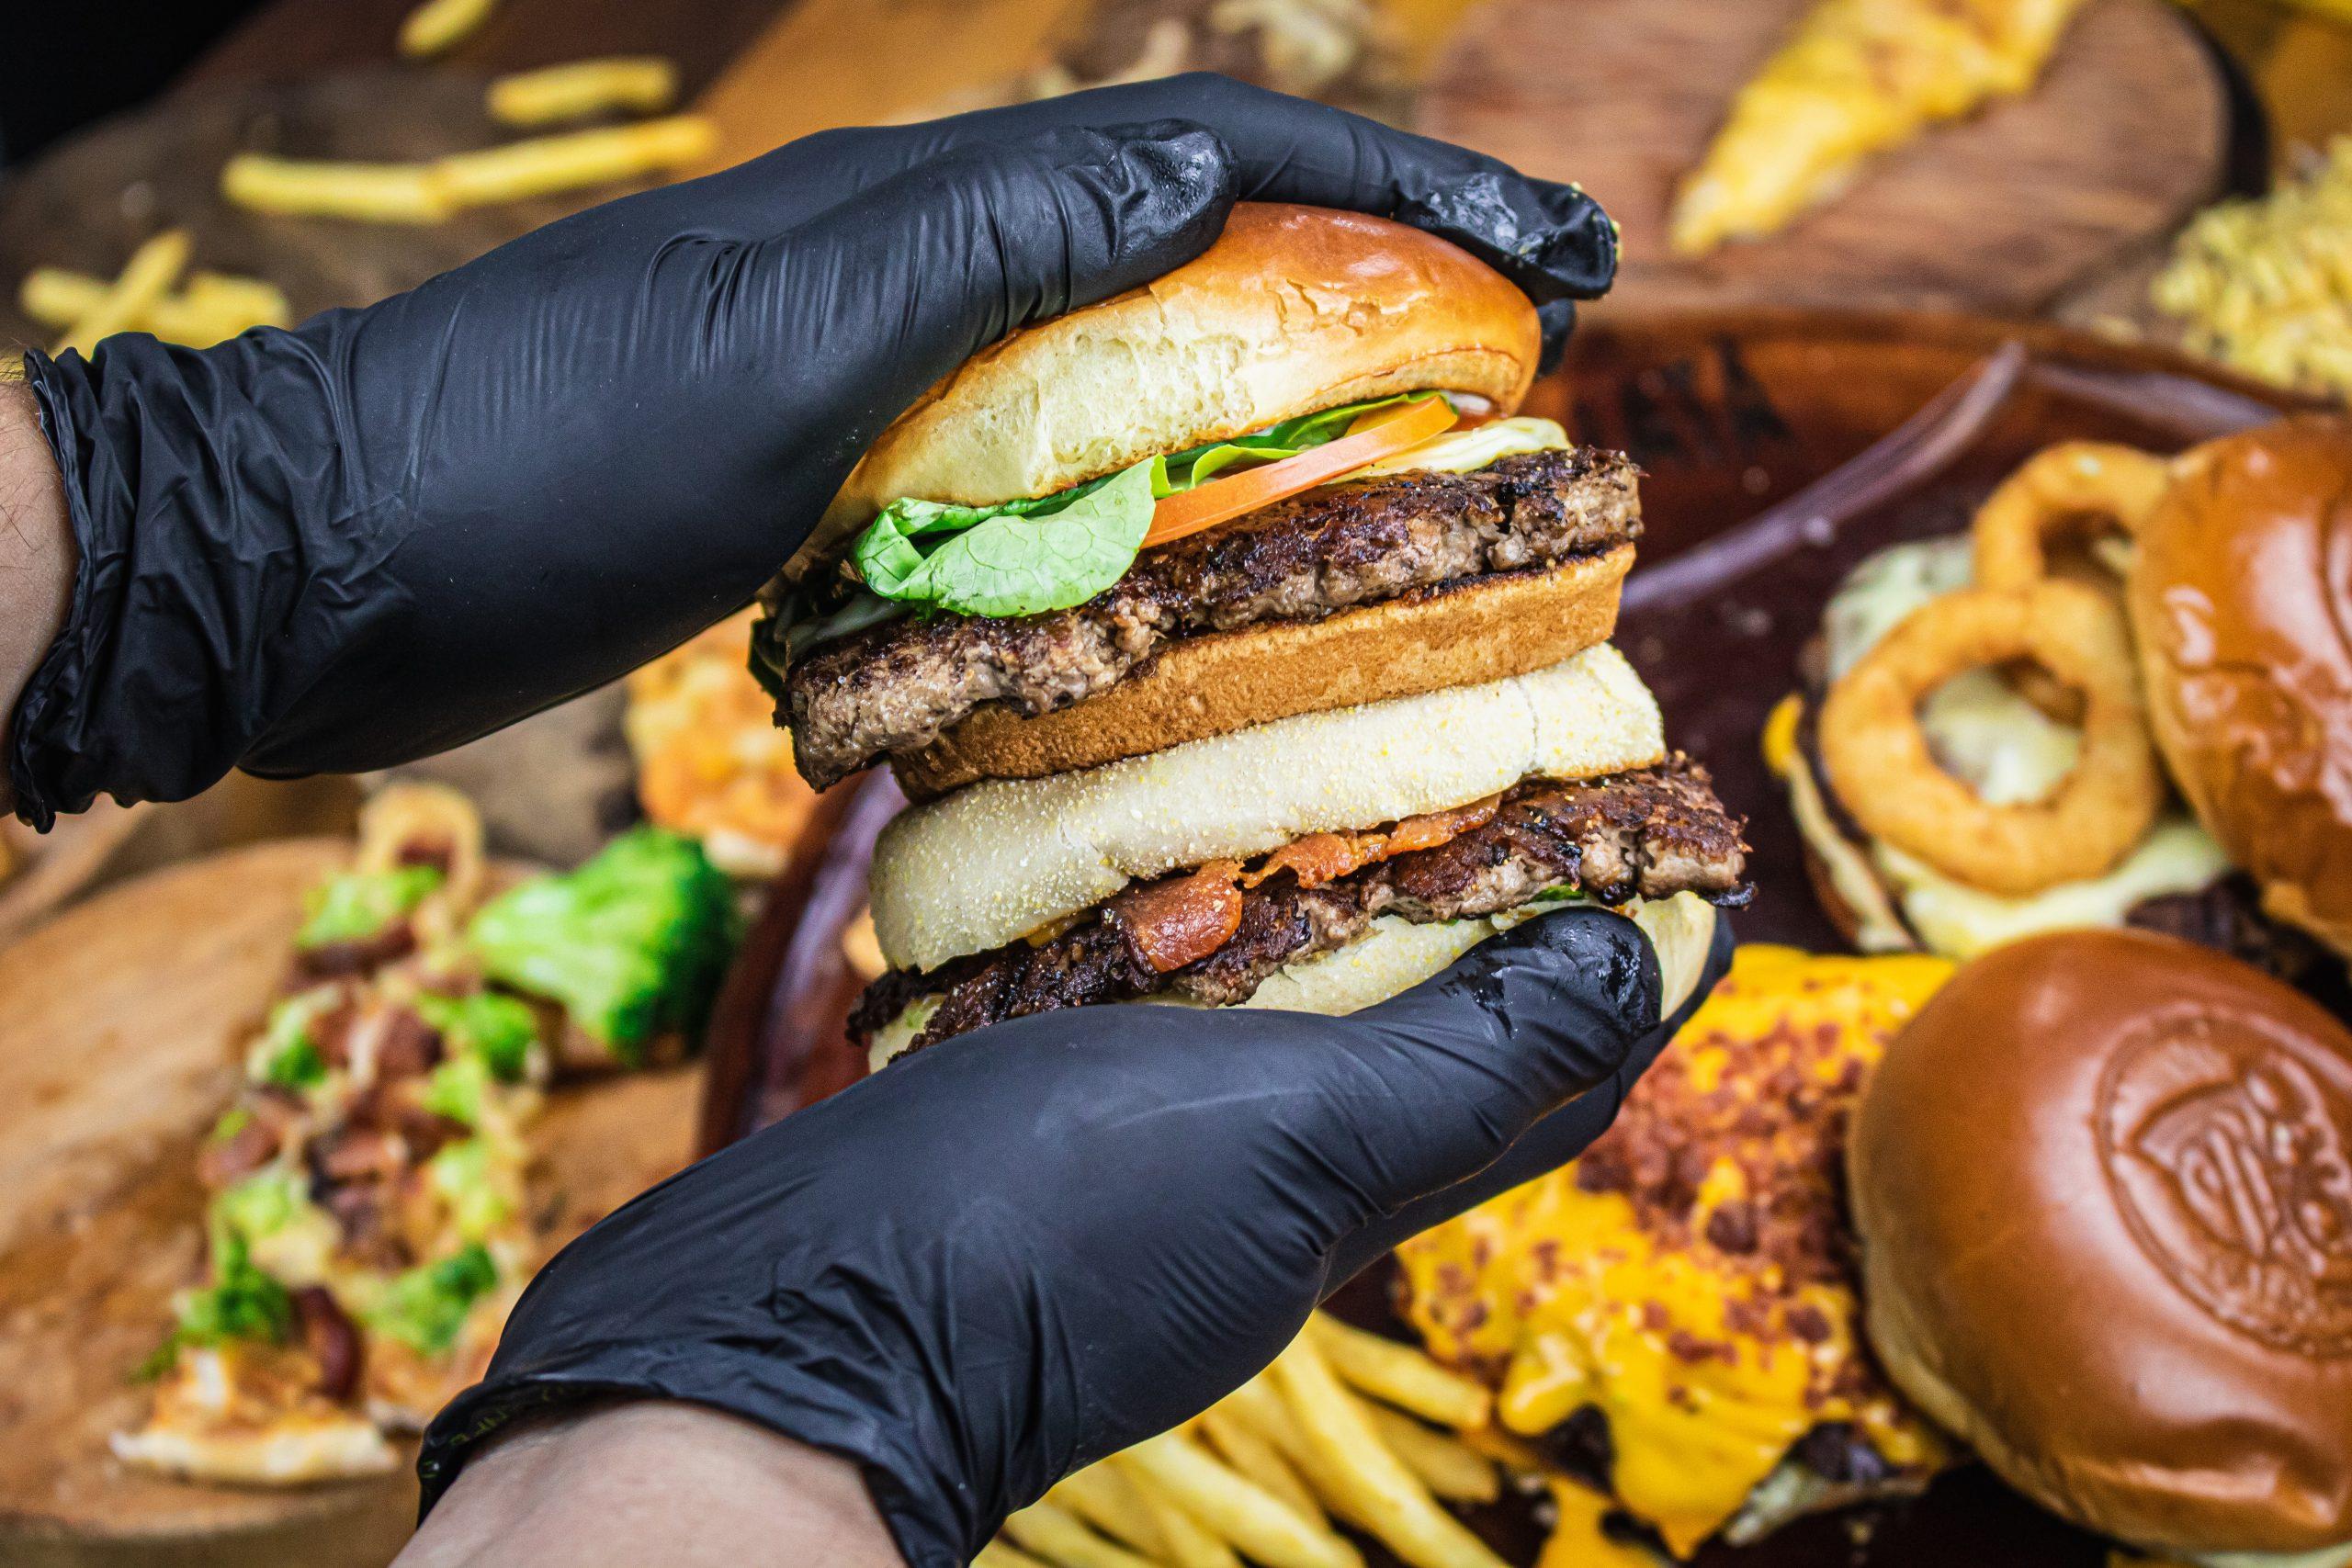 Hambúrguer completo sendo amassado com a mão, um smash burguer.